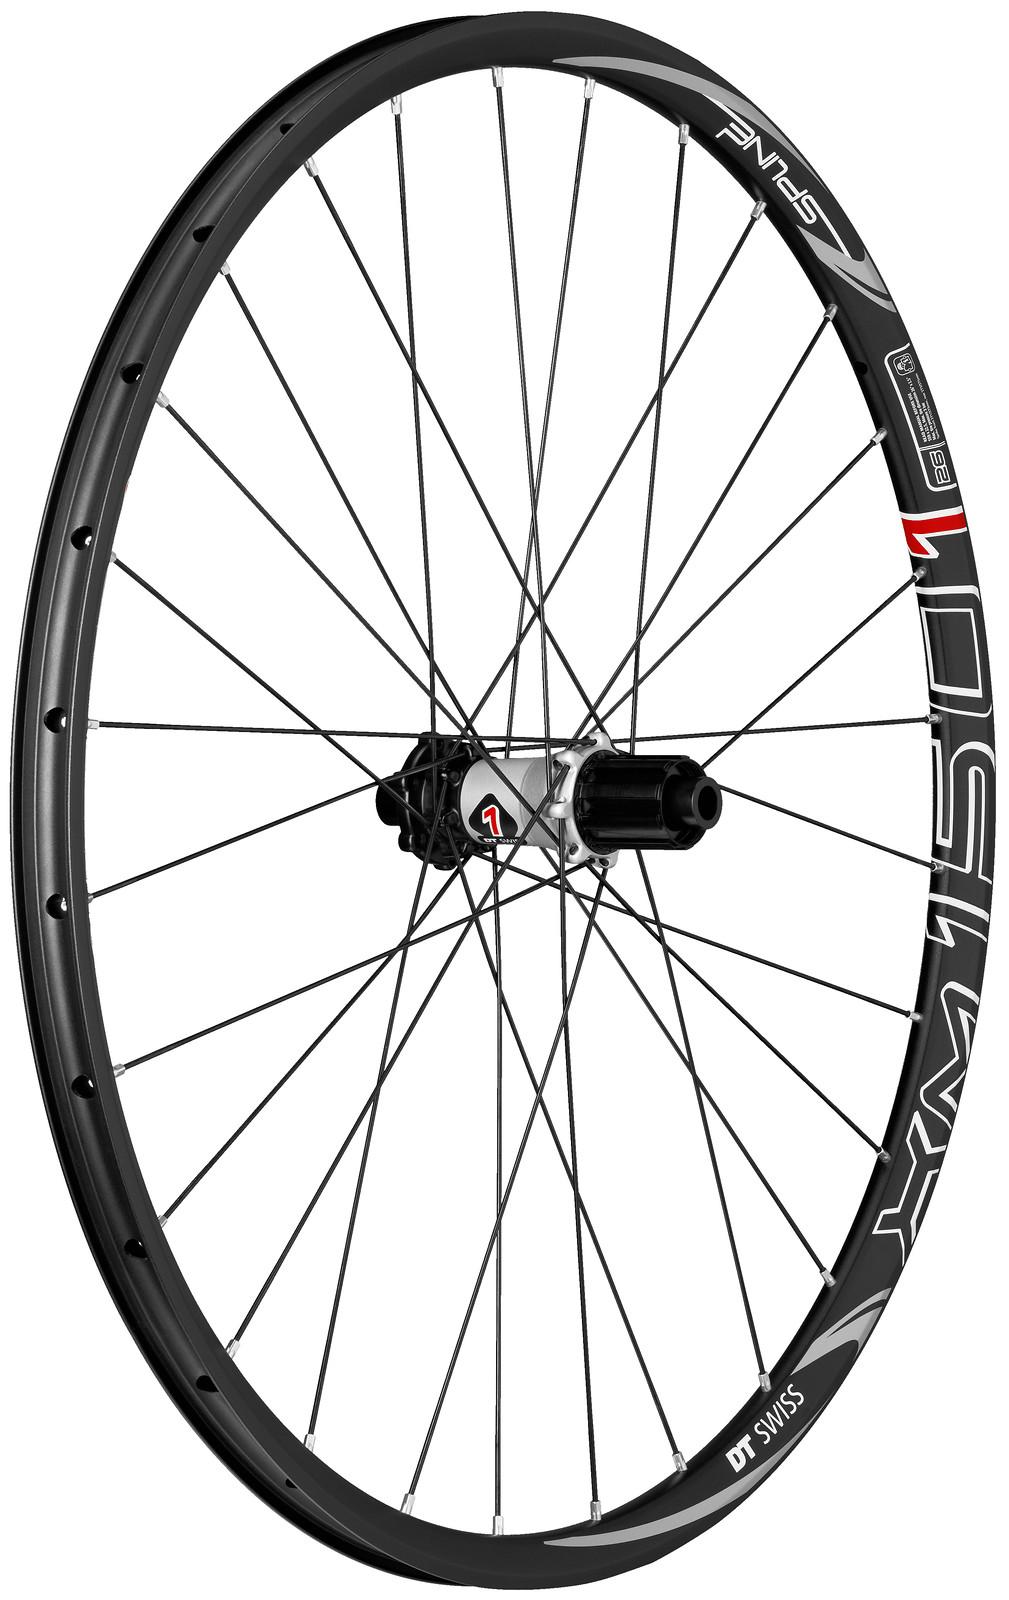 dt swiss xm1501 spline one 26 wheelset reviews parisons specs Counterfeit Oakley pho xm 1501 spline one 26 black ta 12 142 rw rgb